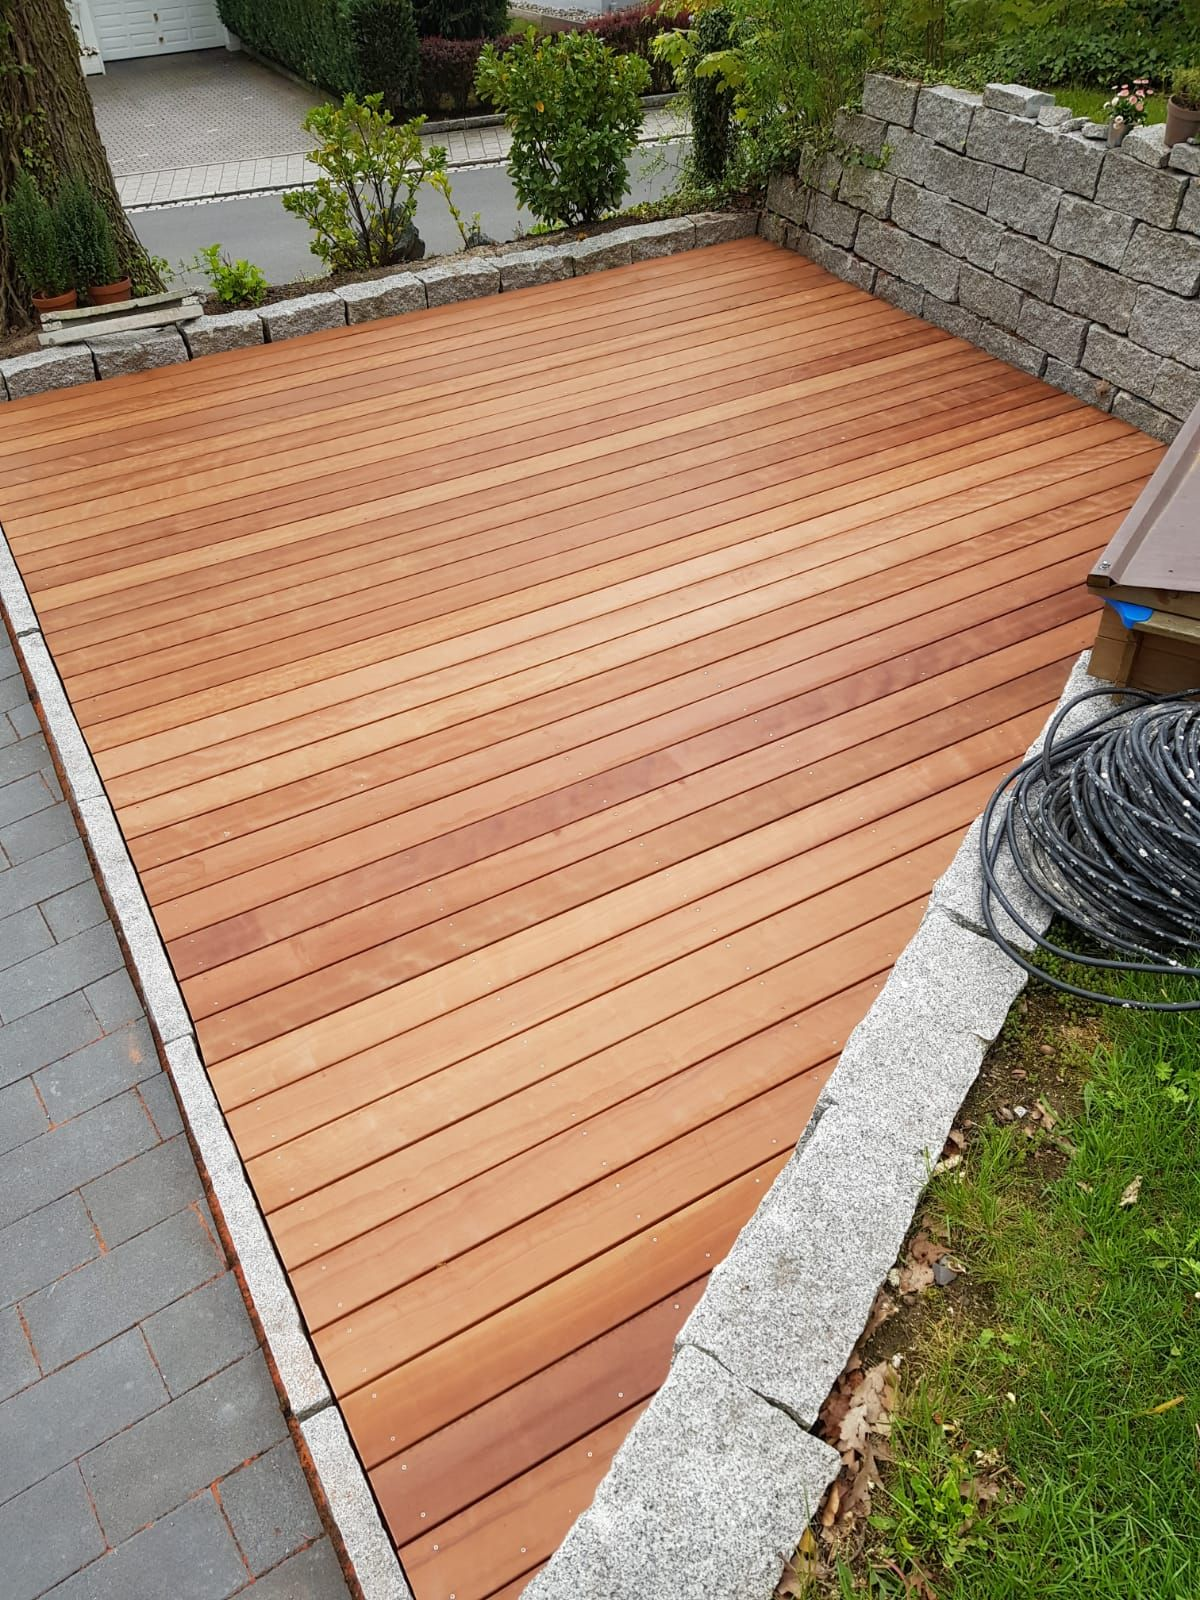 Favorit Referenzen - Holzland Dostler - Holz für Bau, Ausbau und Garten JF91